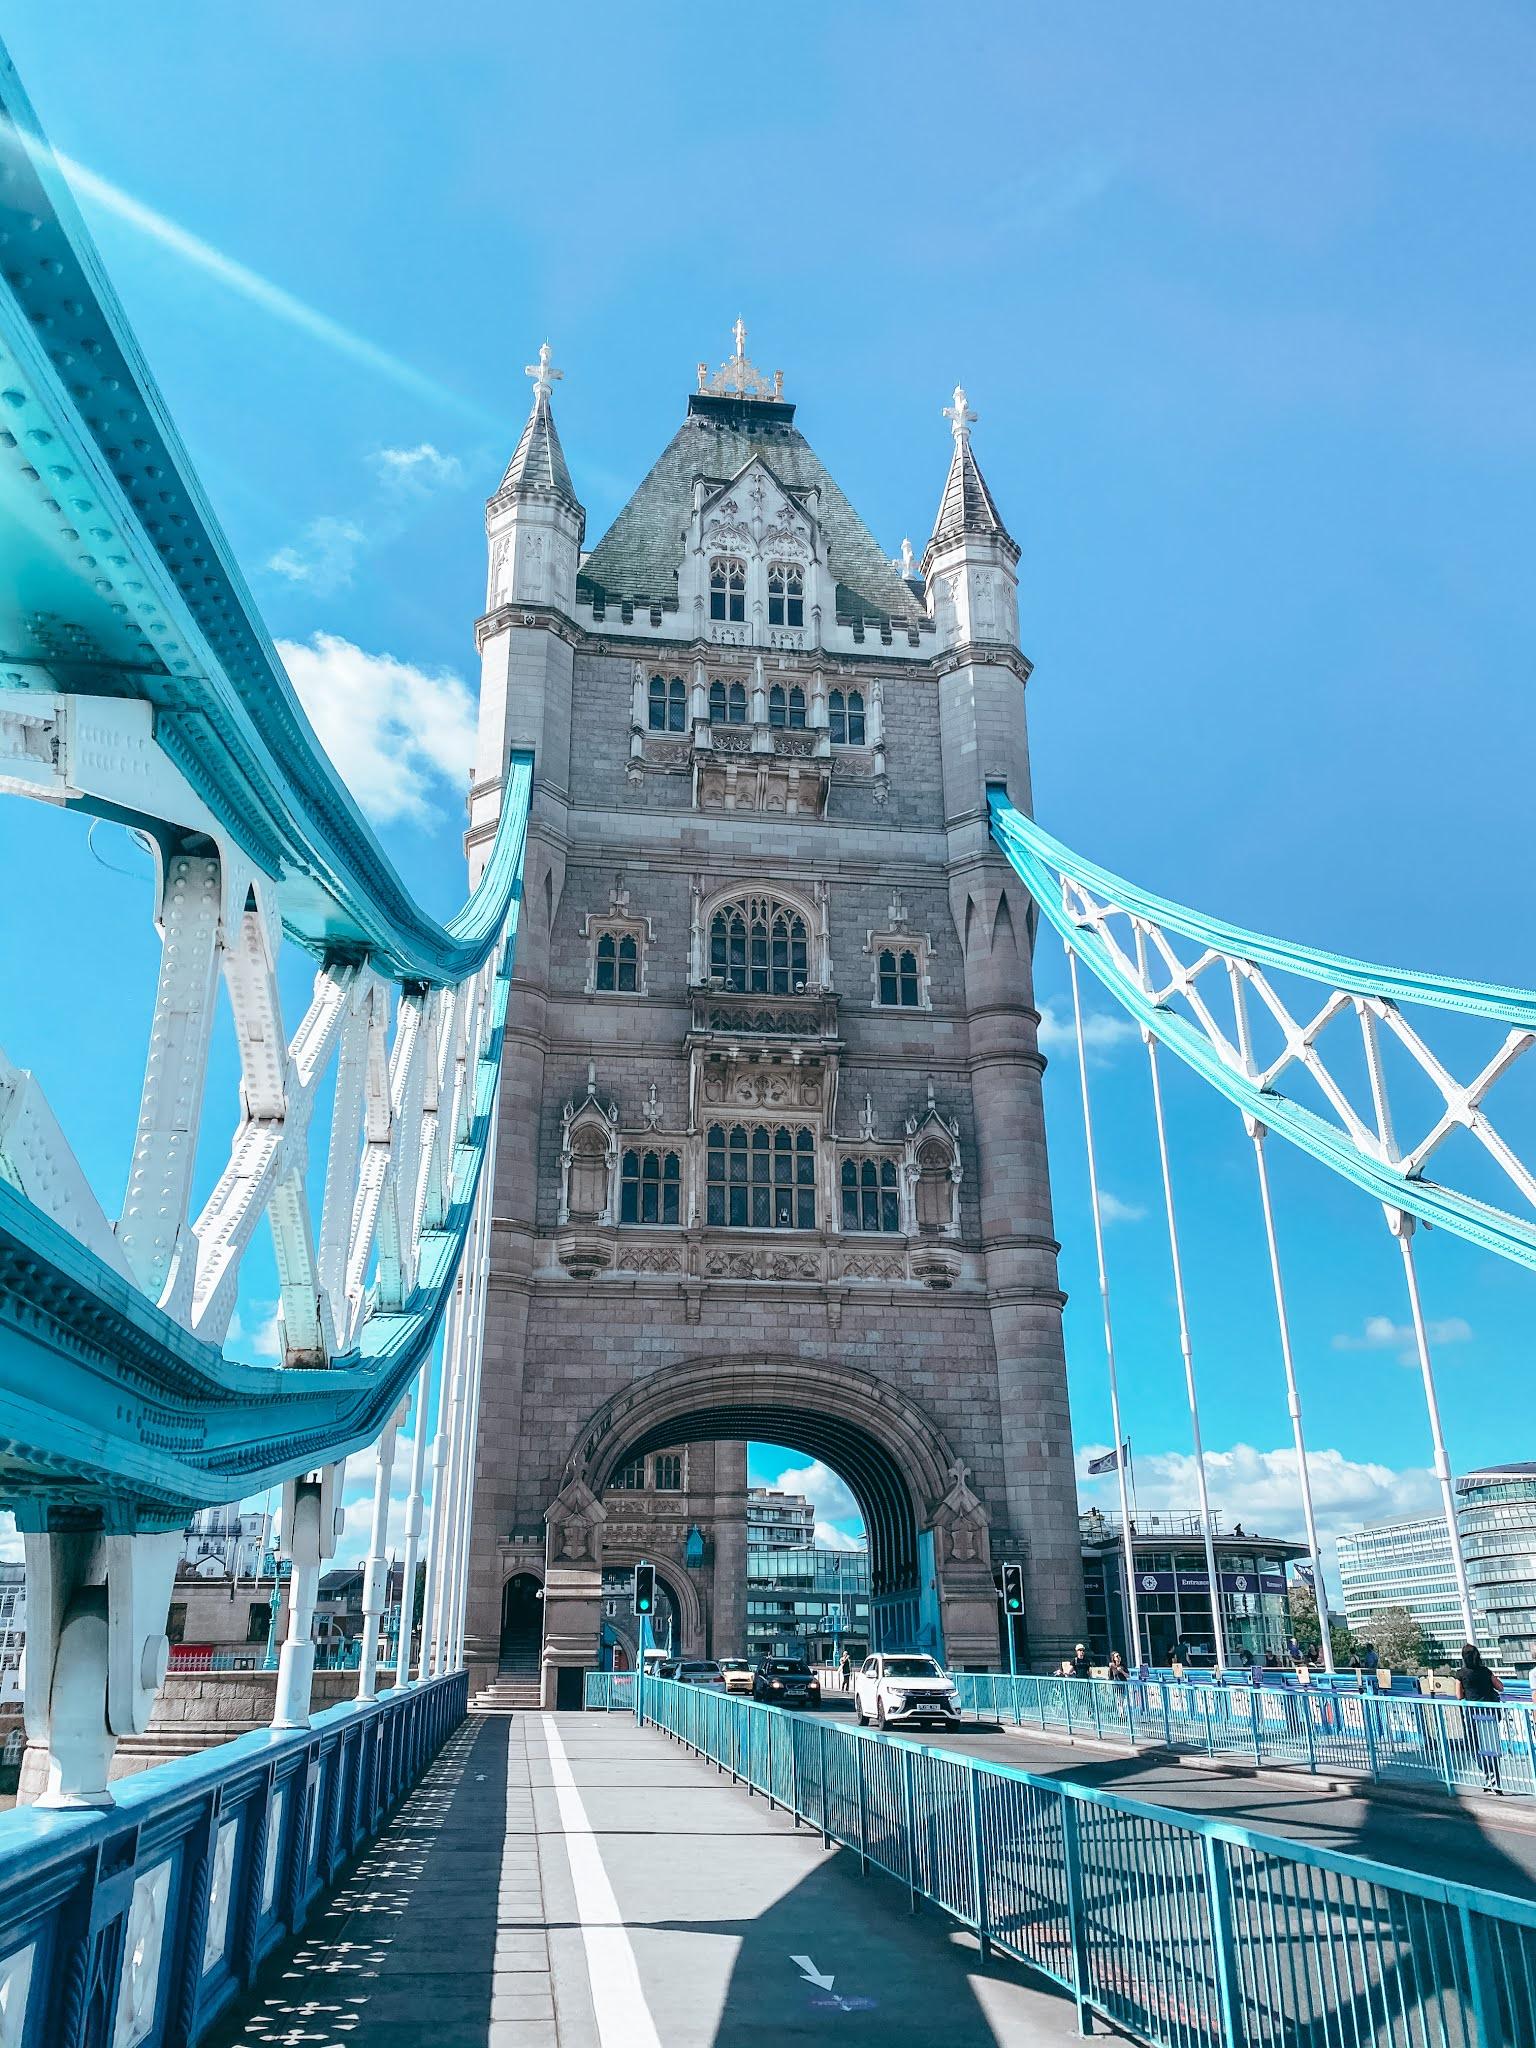 London photo diary